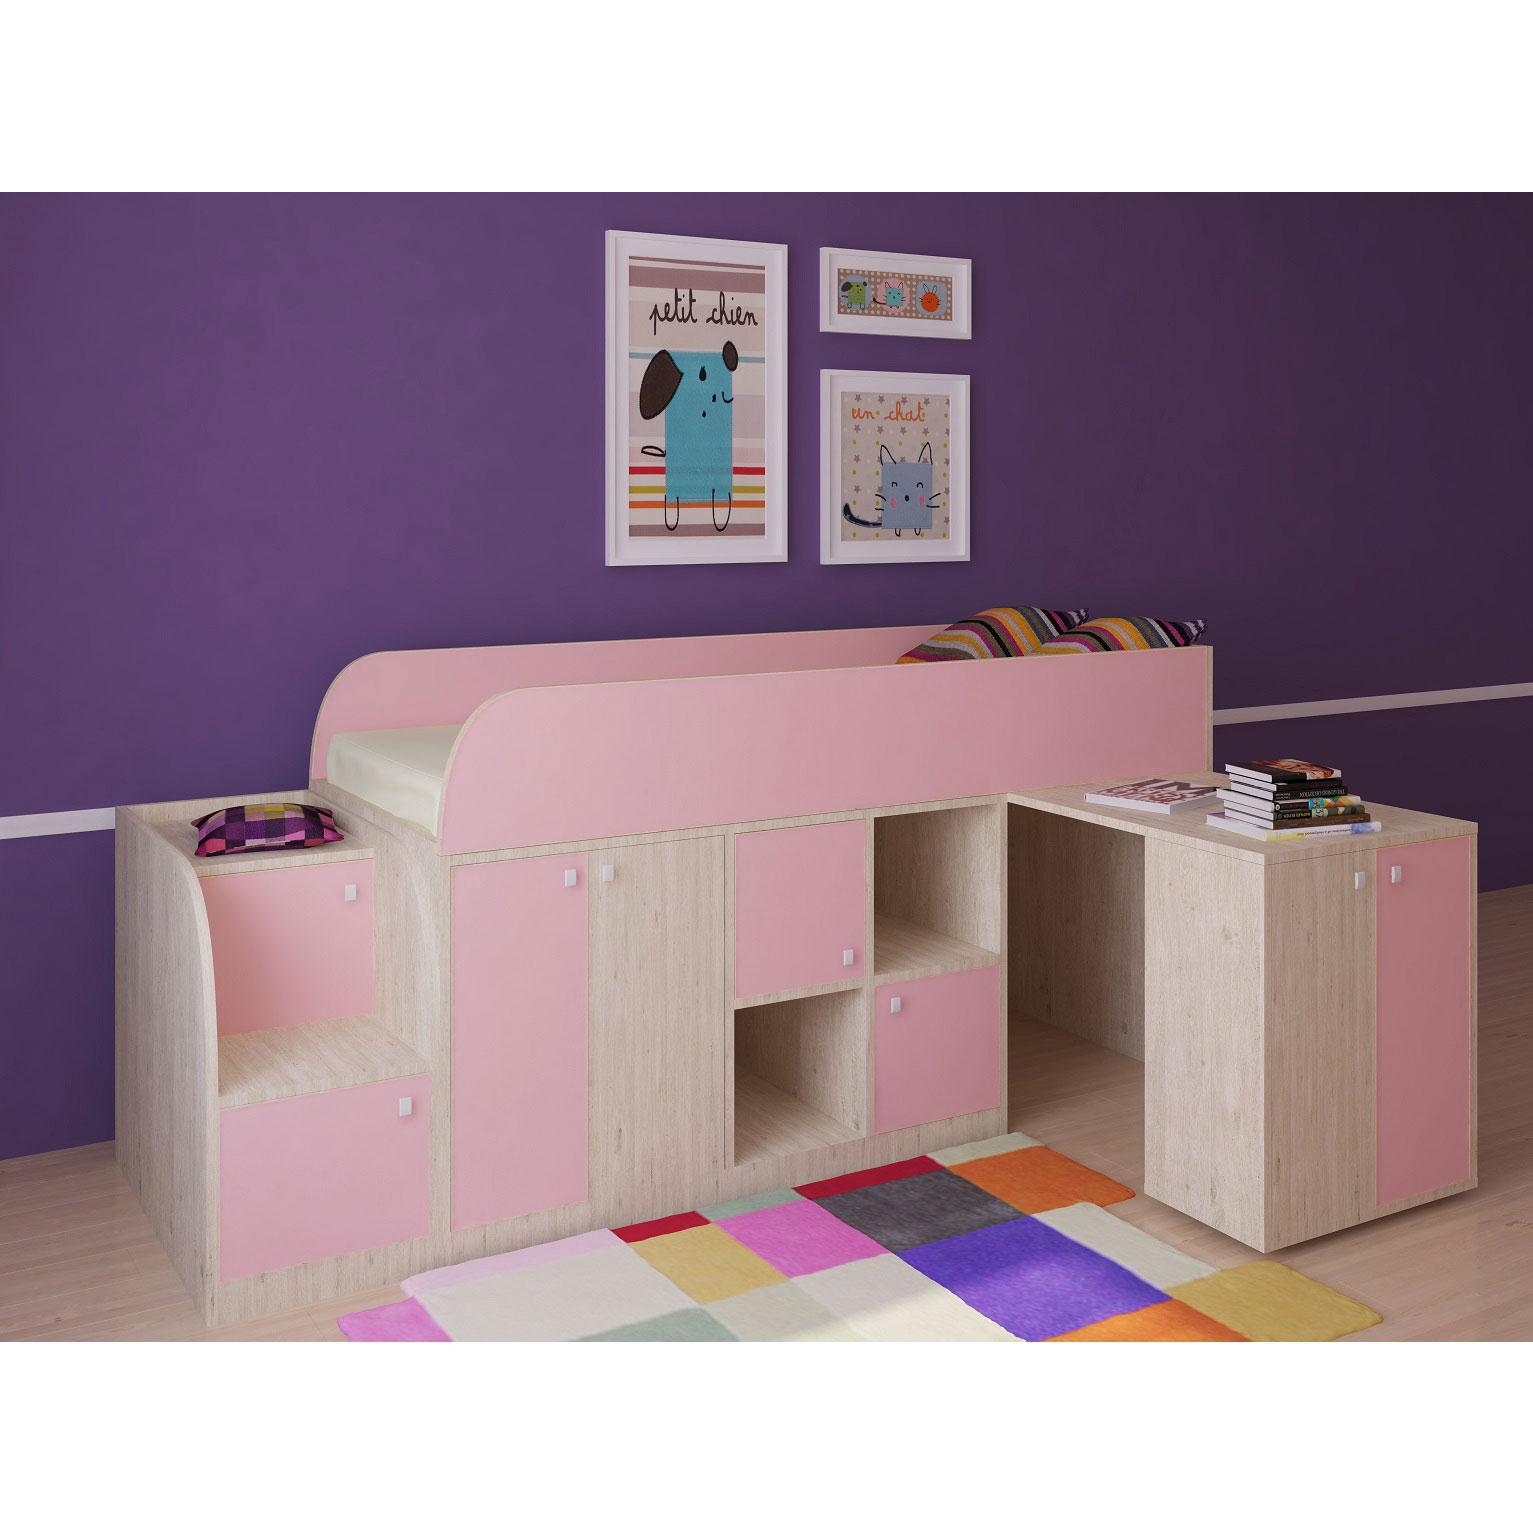 Набор мебели РВ-Мебель Астра мини Дуб молочный/Розовый